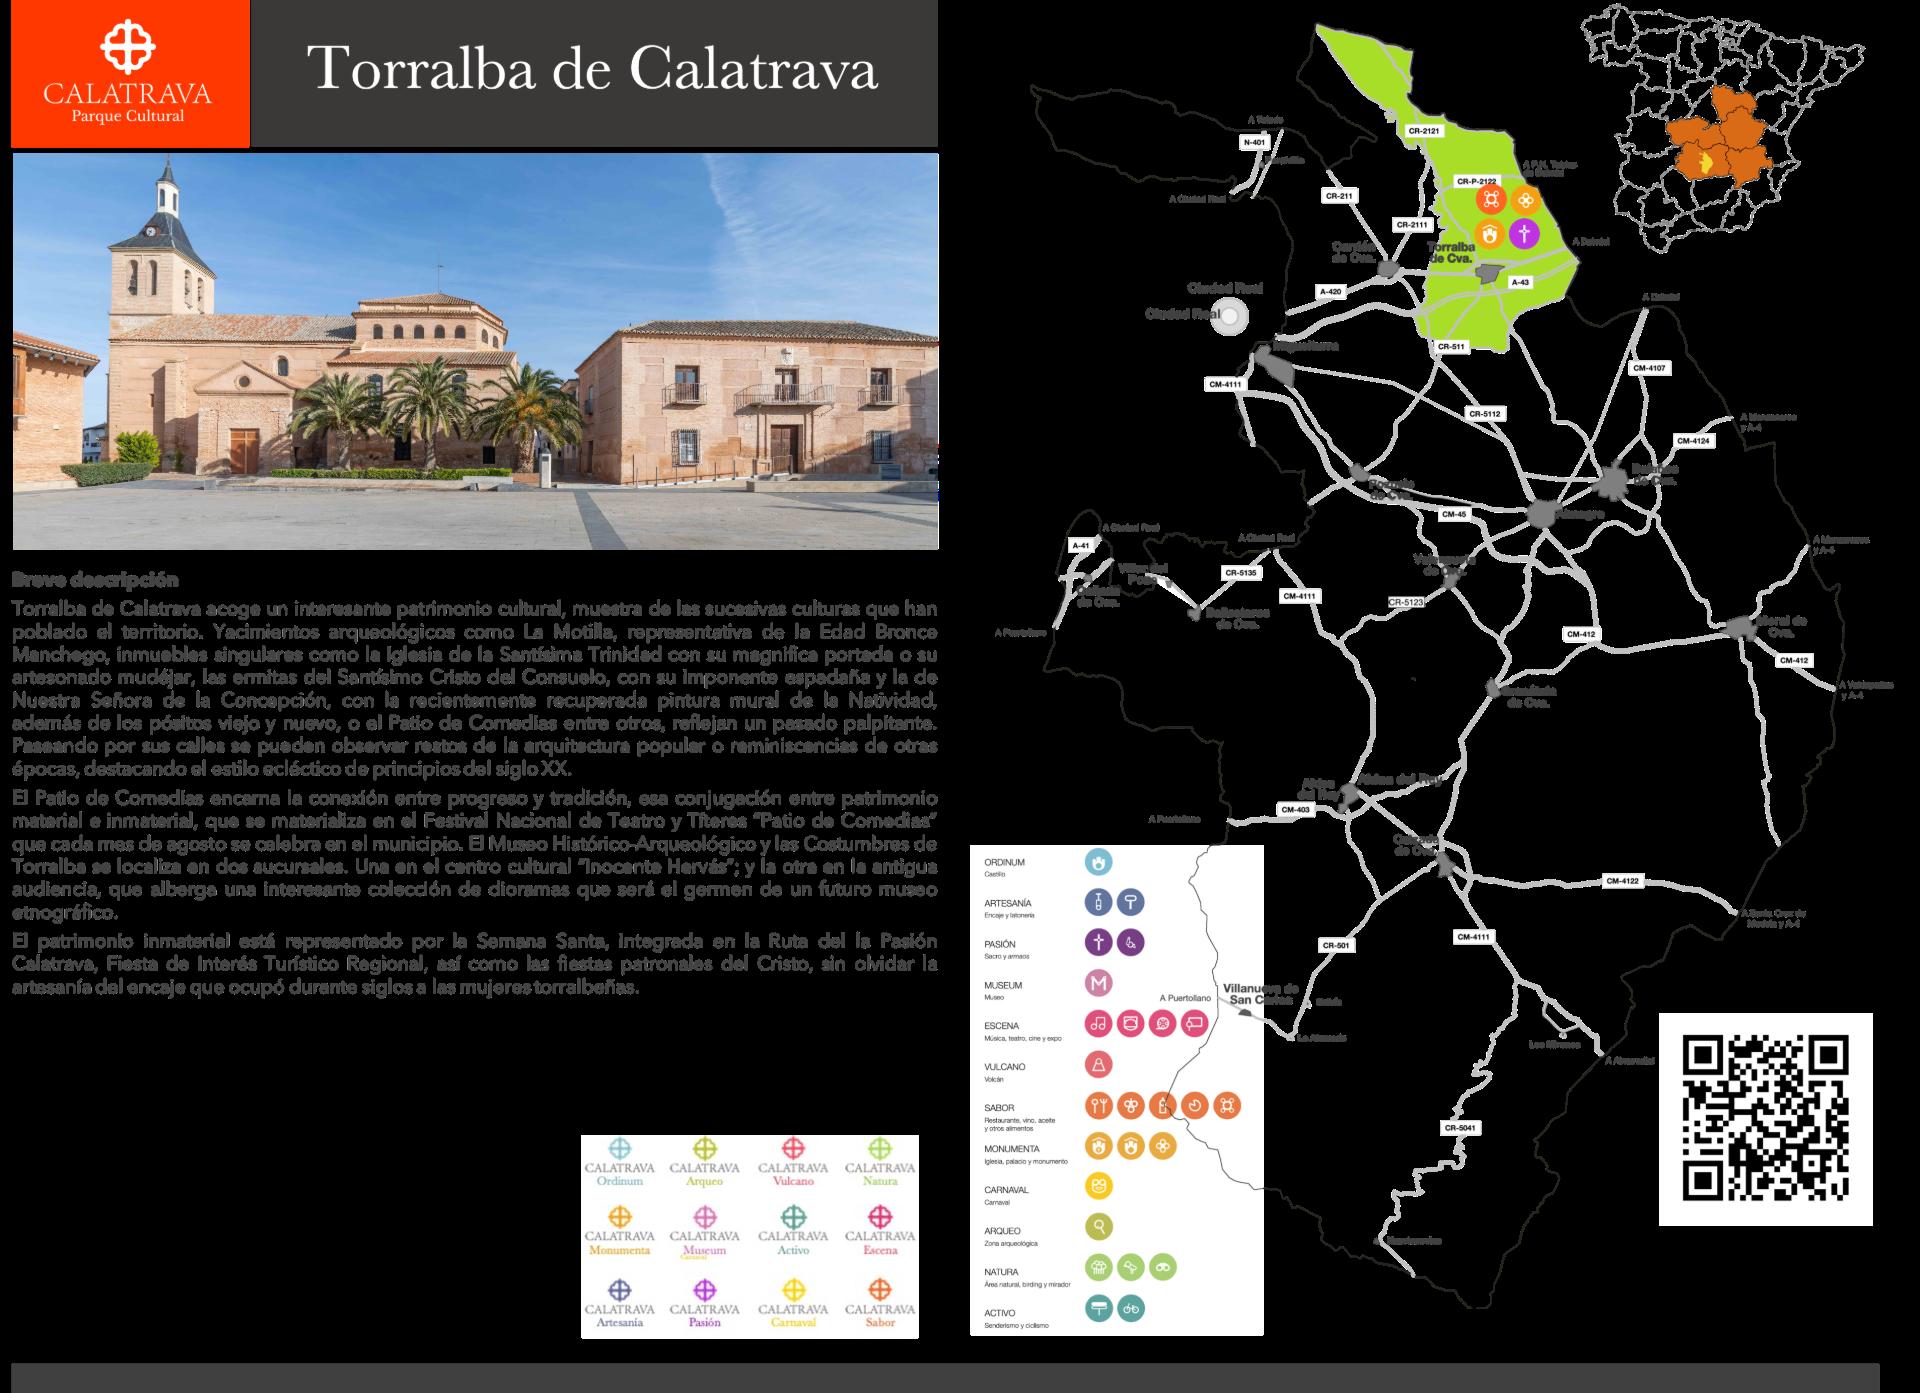 mapa-Torralba de Calatrava